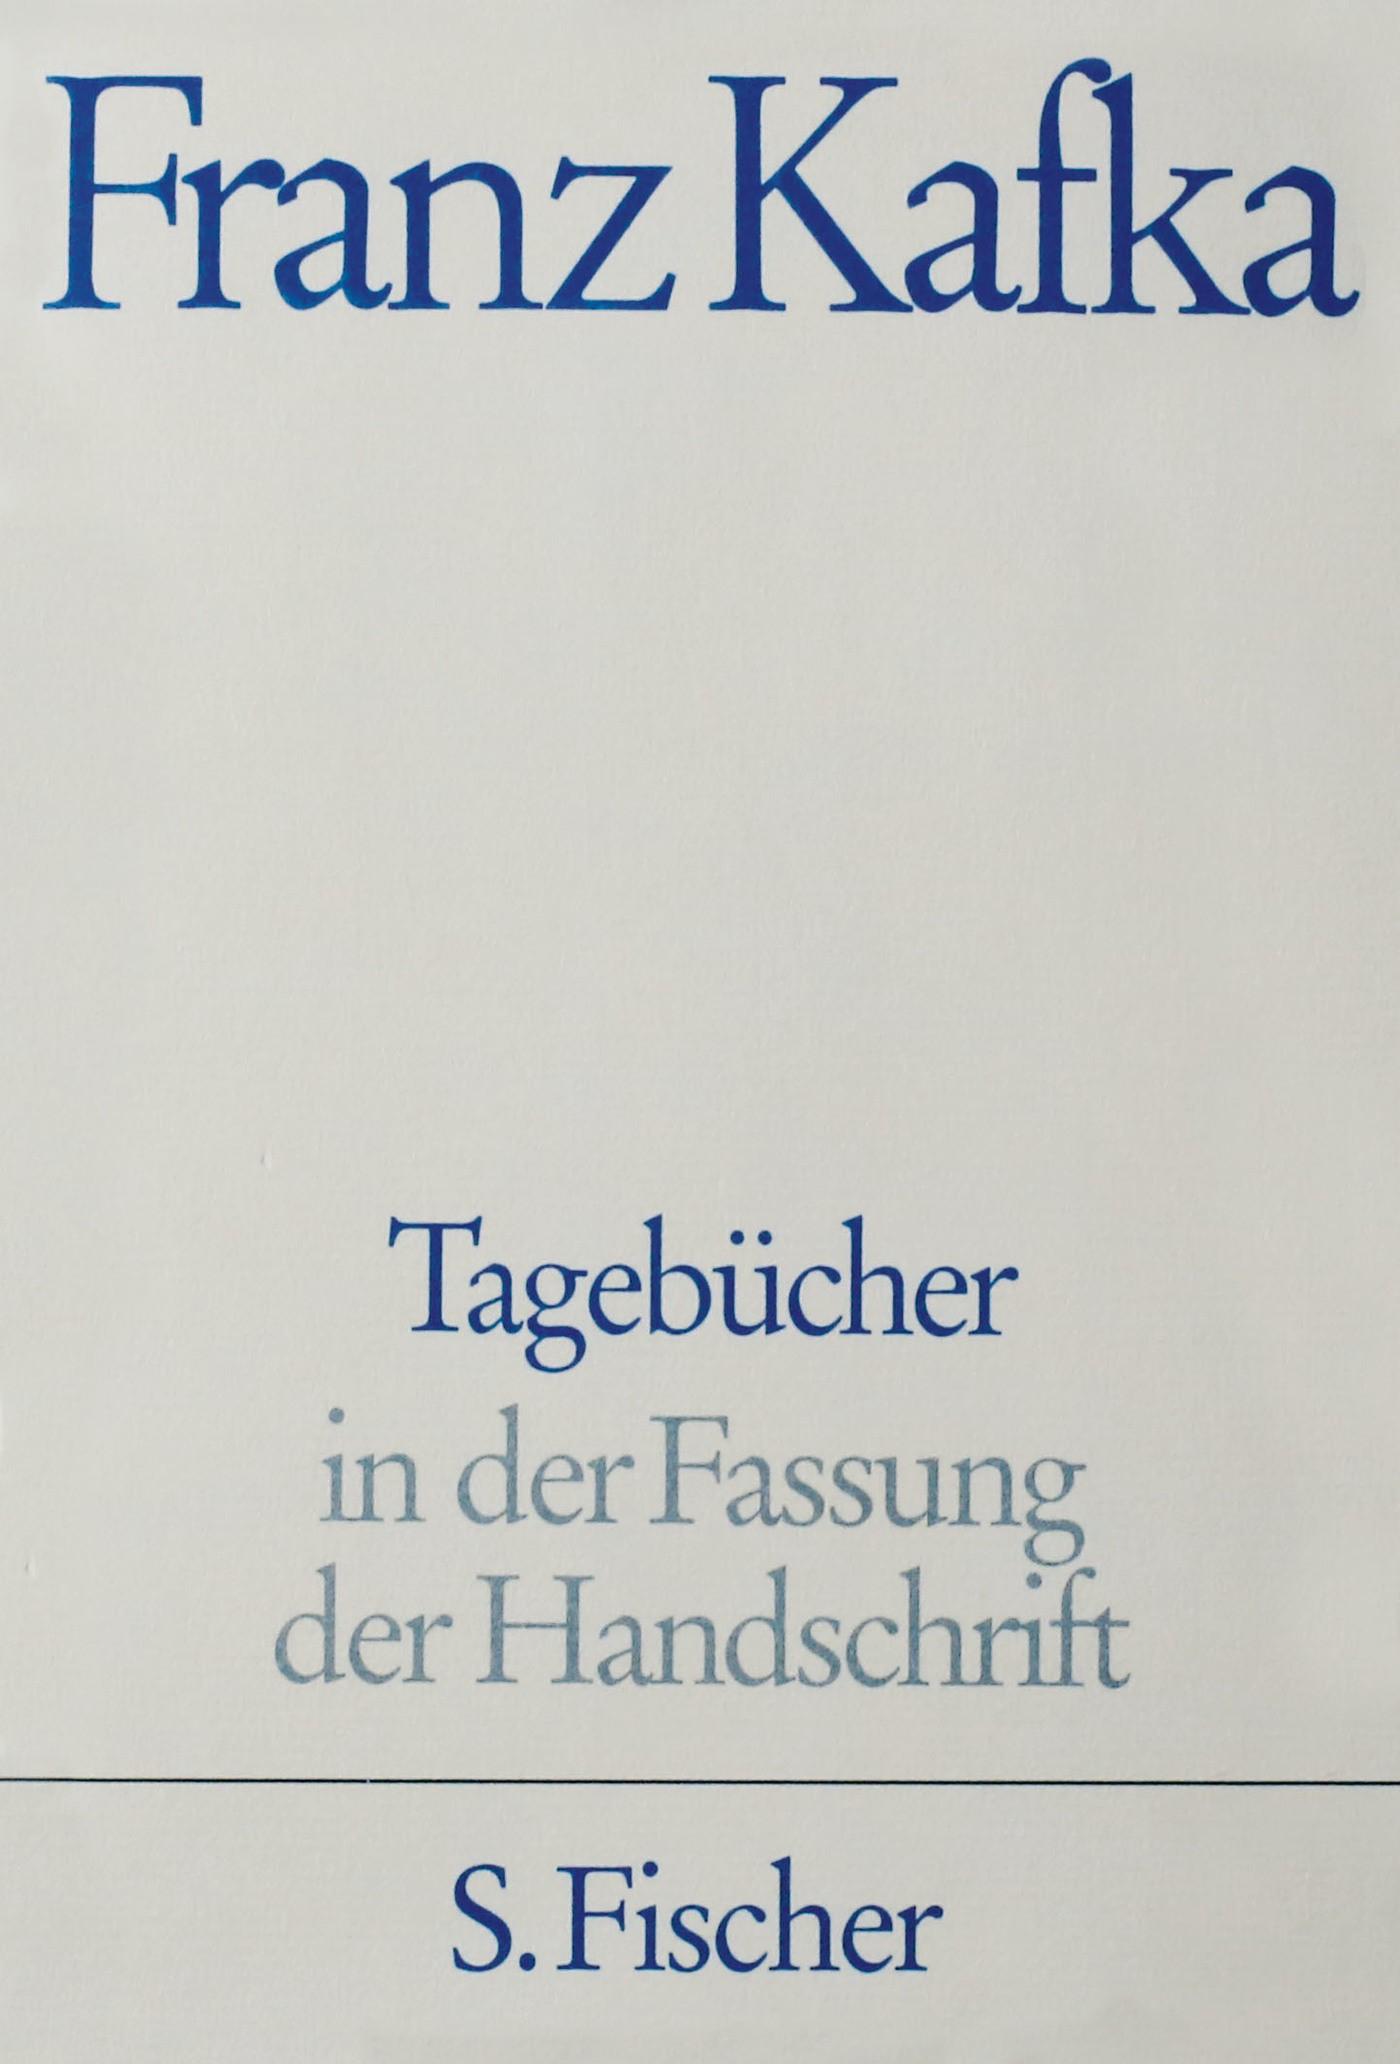 Tagebücher, Kommentar | Kafka, 2008 | Buch (Cover)